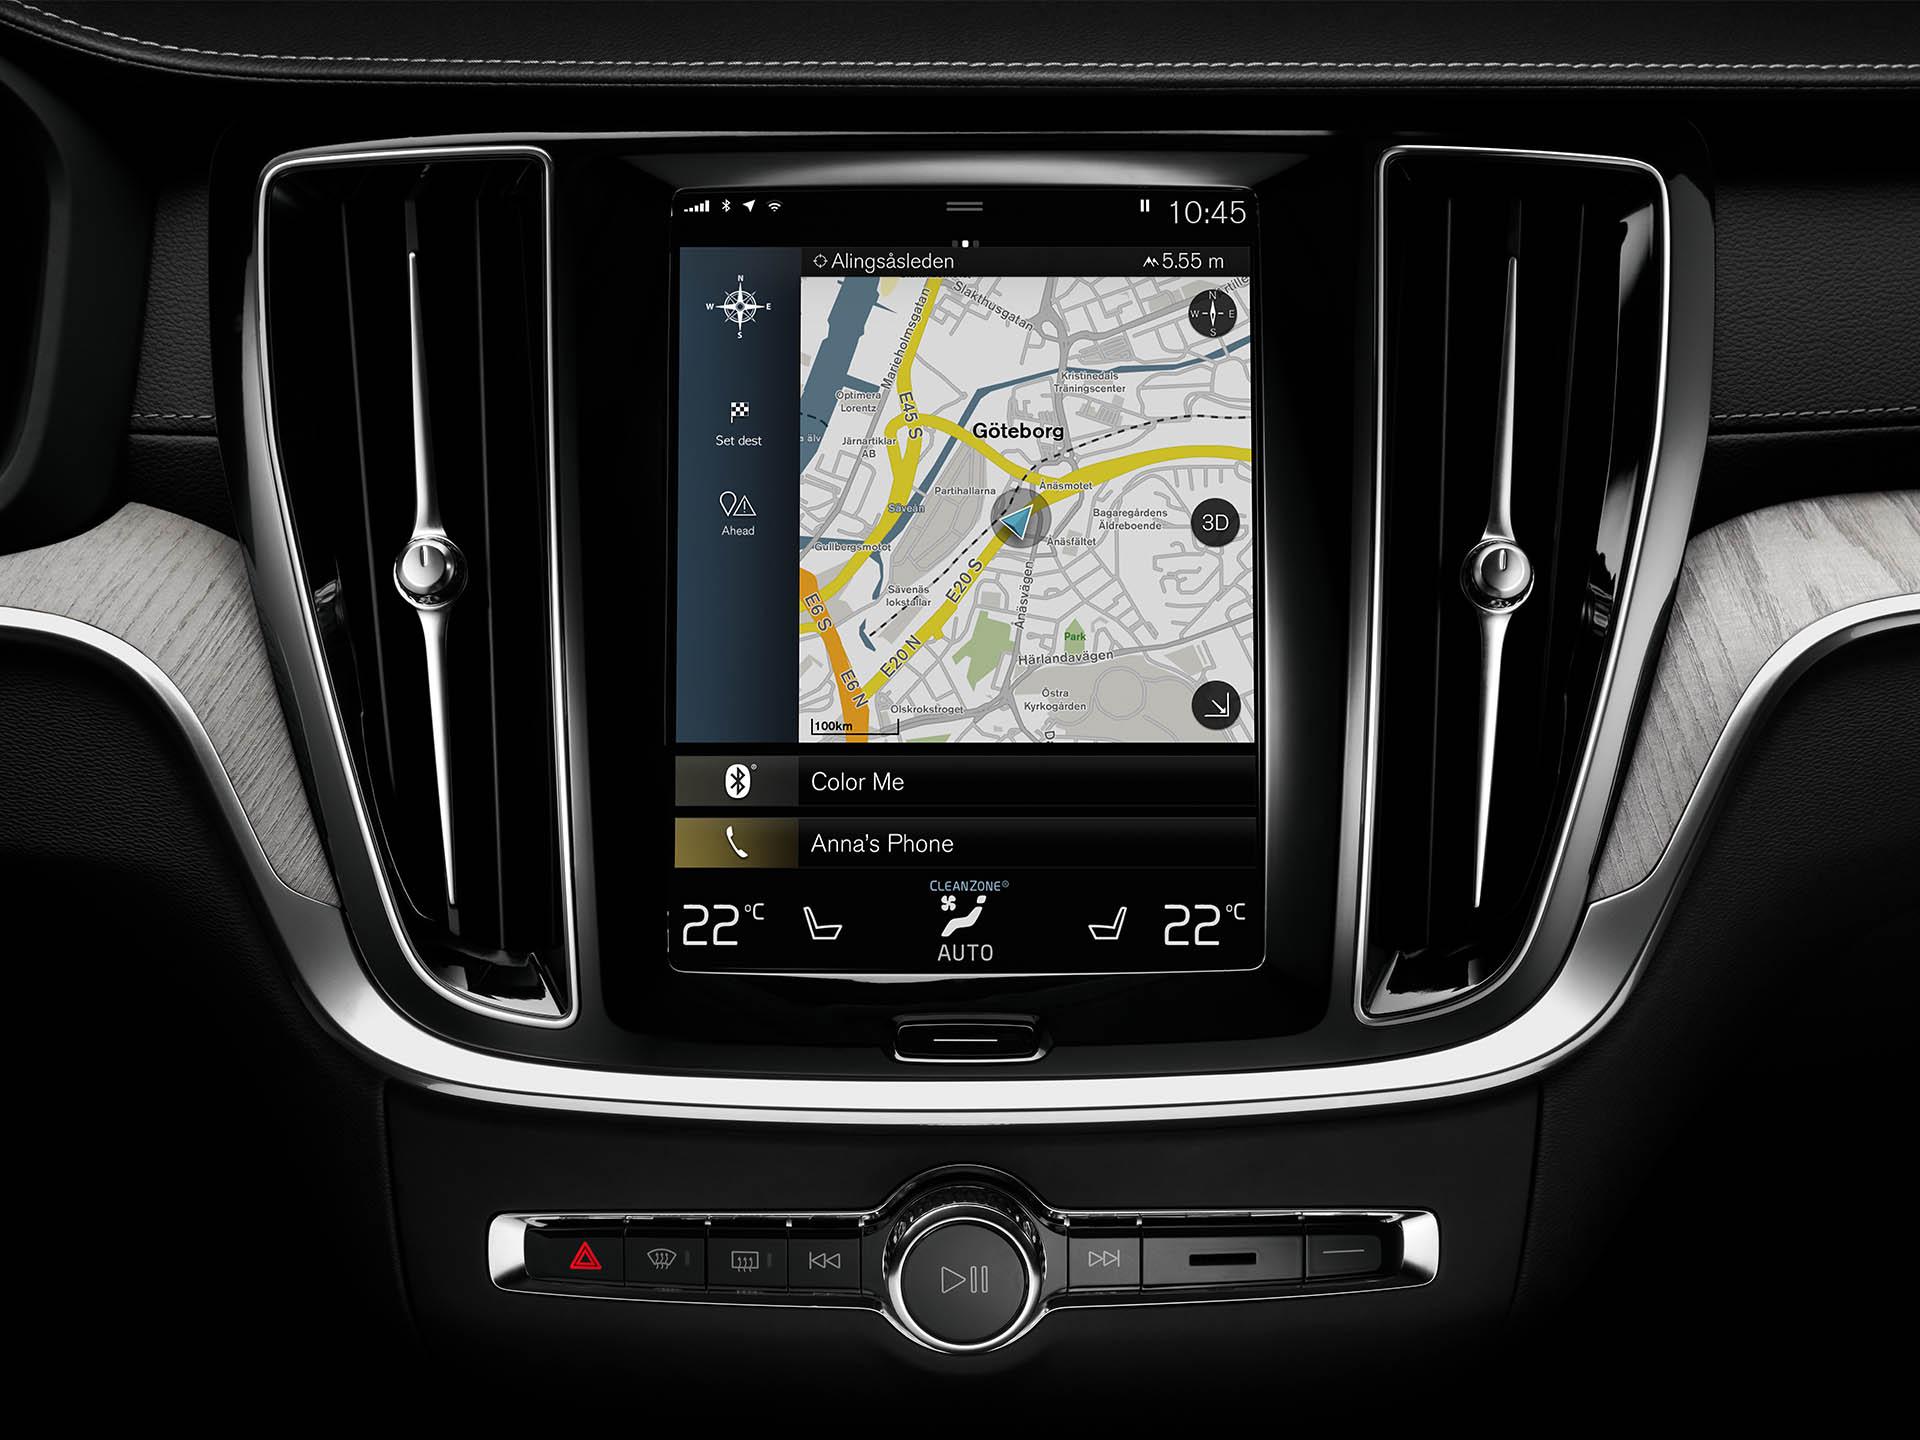 يعرض نظام الاتصال المدمج في سيارة فولفو خريطة لوسط مدينة غوتنبرغ